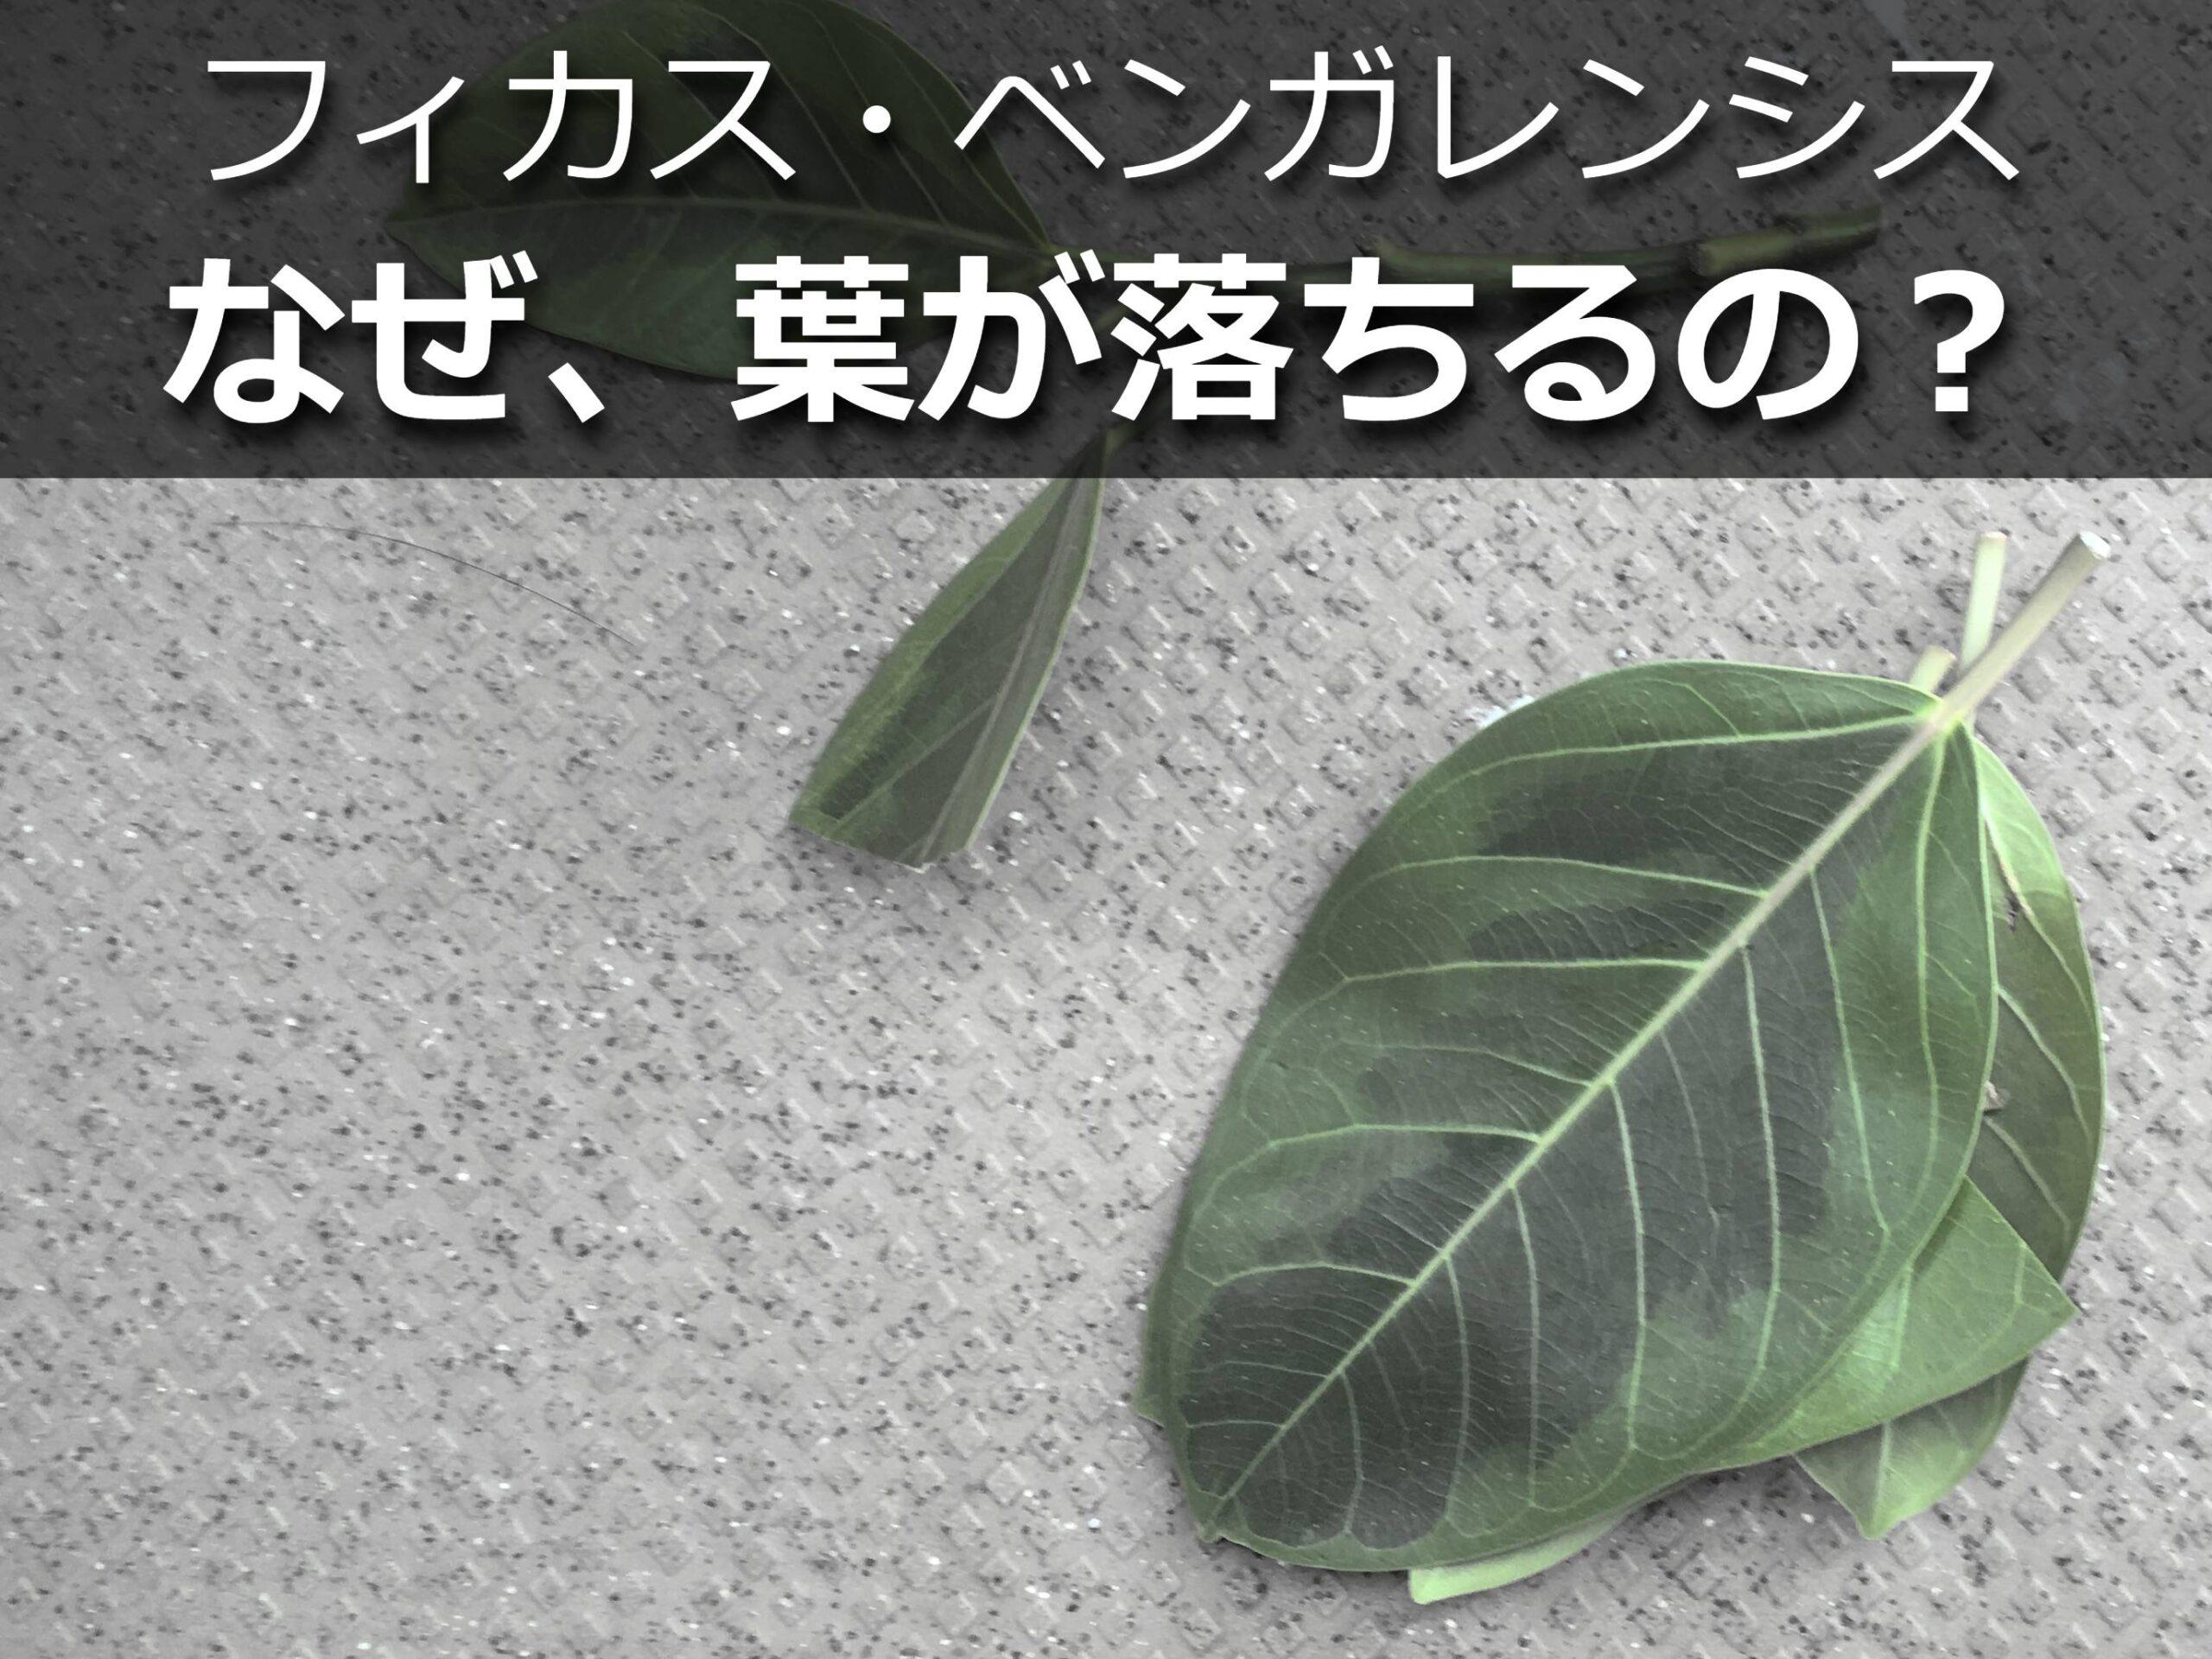 ベンガレンシスの葉っぱ